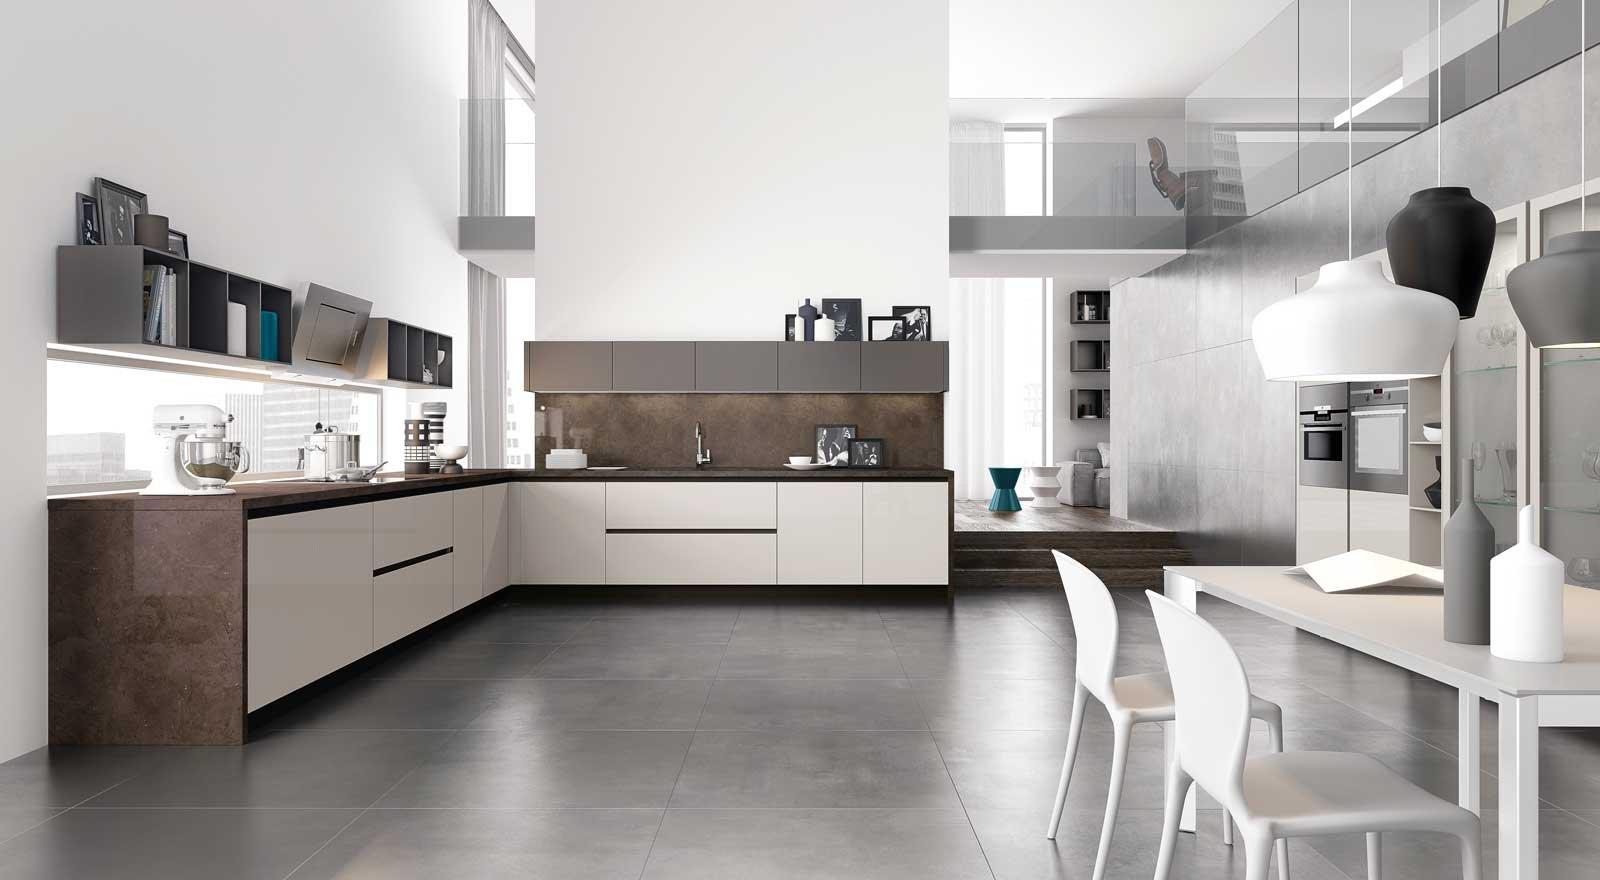 Design Lineare E Superfici Lisce Per La Cucina Dallo Stile Minimale  #214F5D 1600 880 Arredamento Moderno Per Cucine